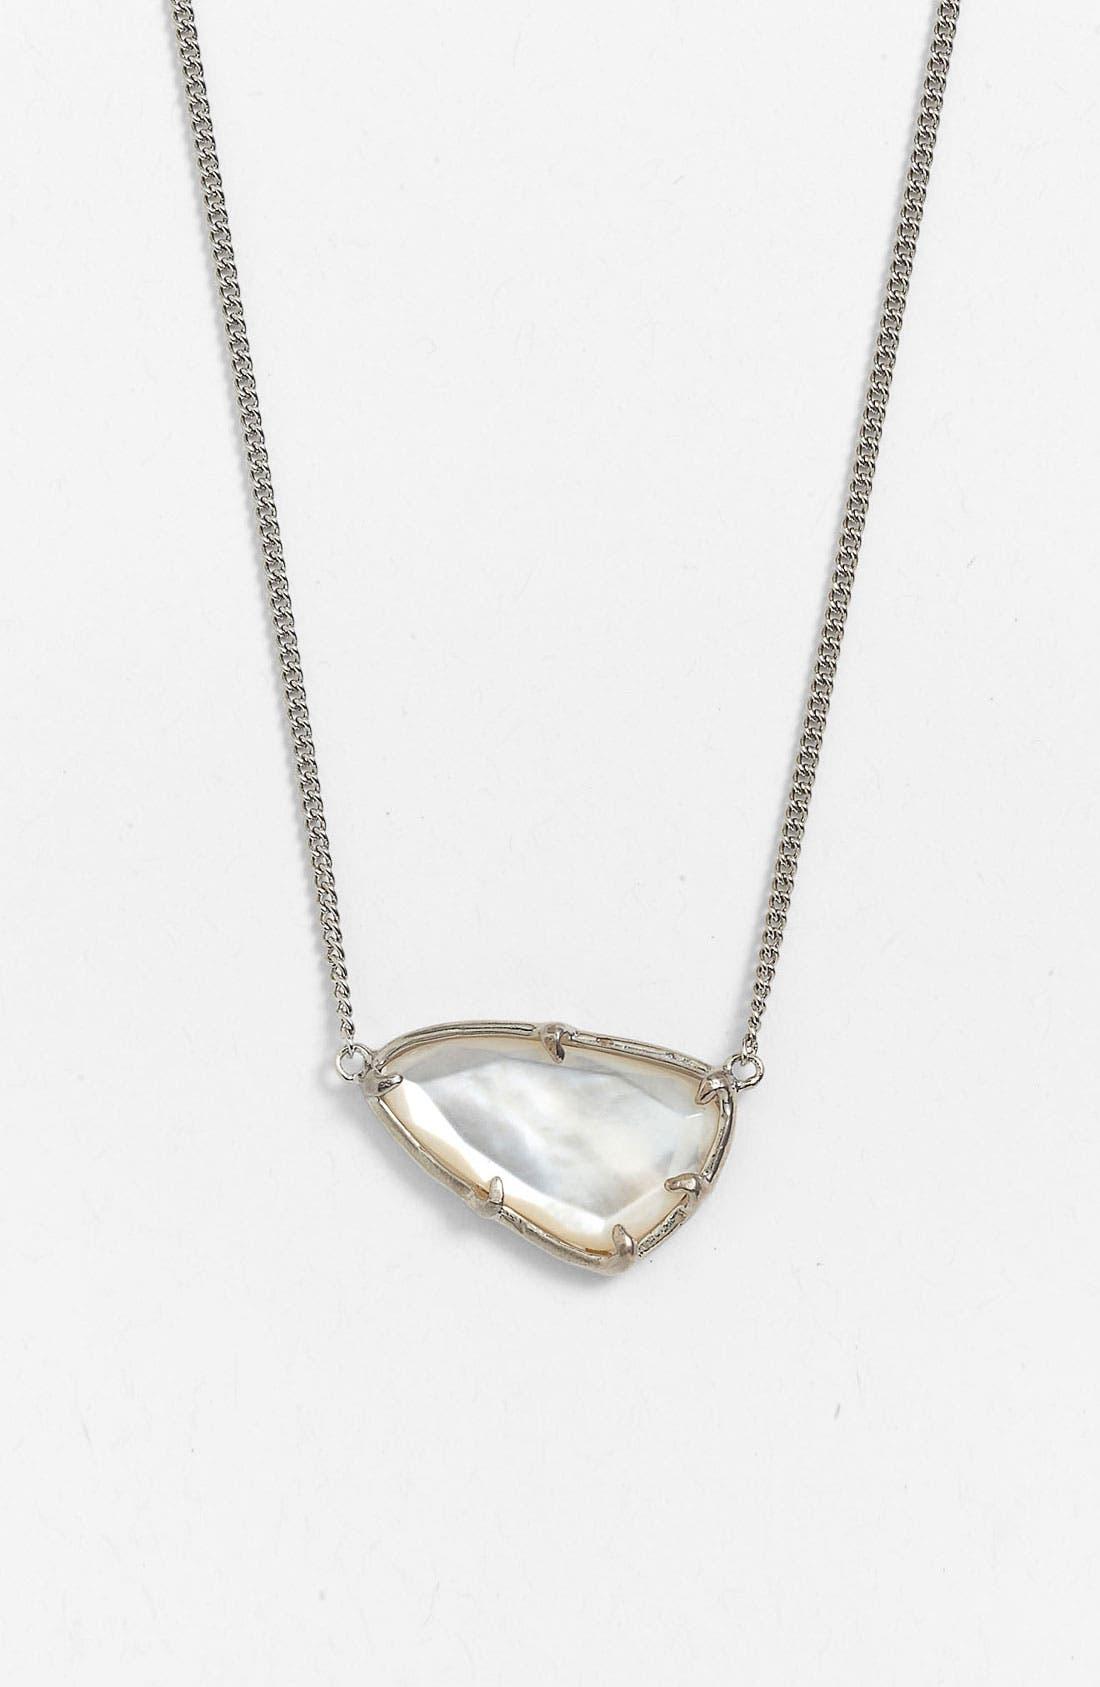 Main Image - Kendra Scott 'Noleen' Pendant Necklace